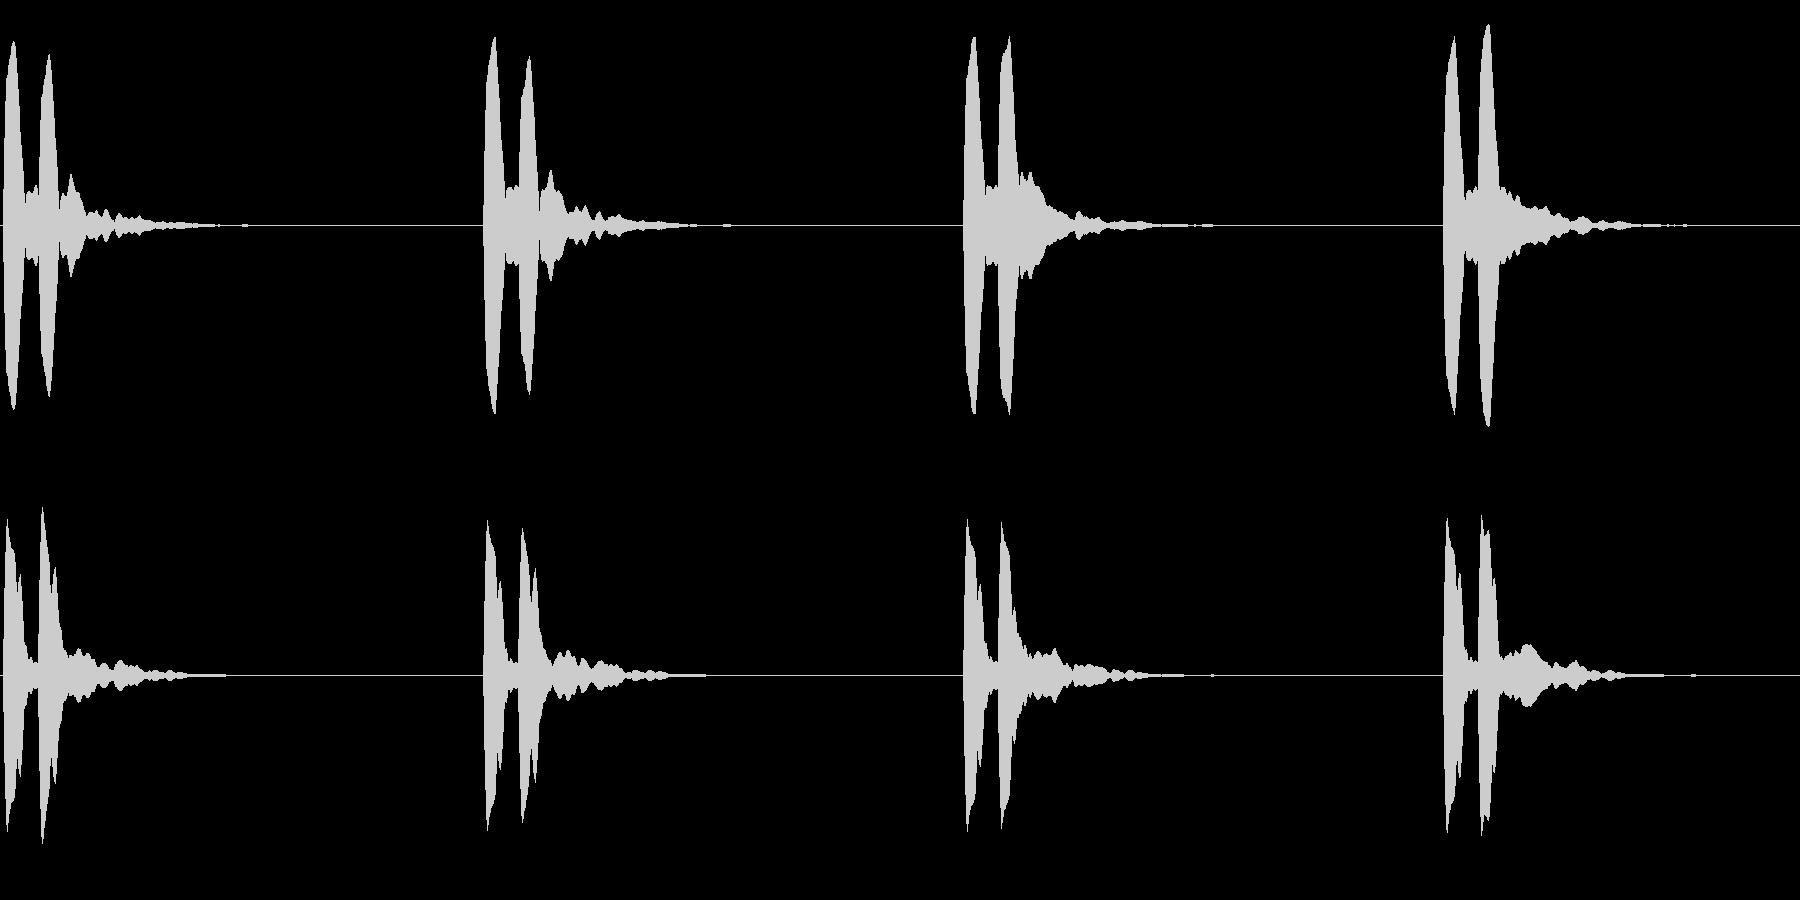 横断歩道 誘導音03-4(ループ) の未再生の波形